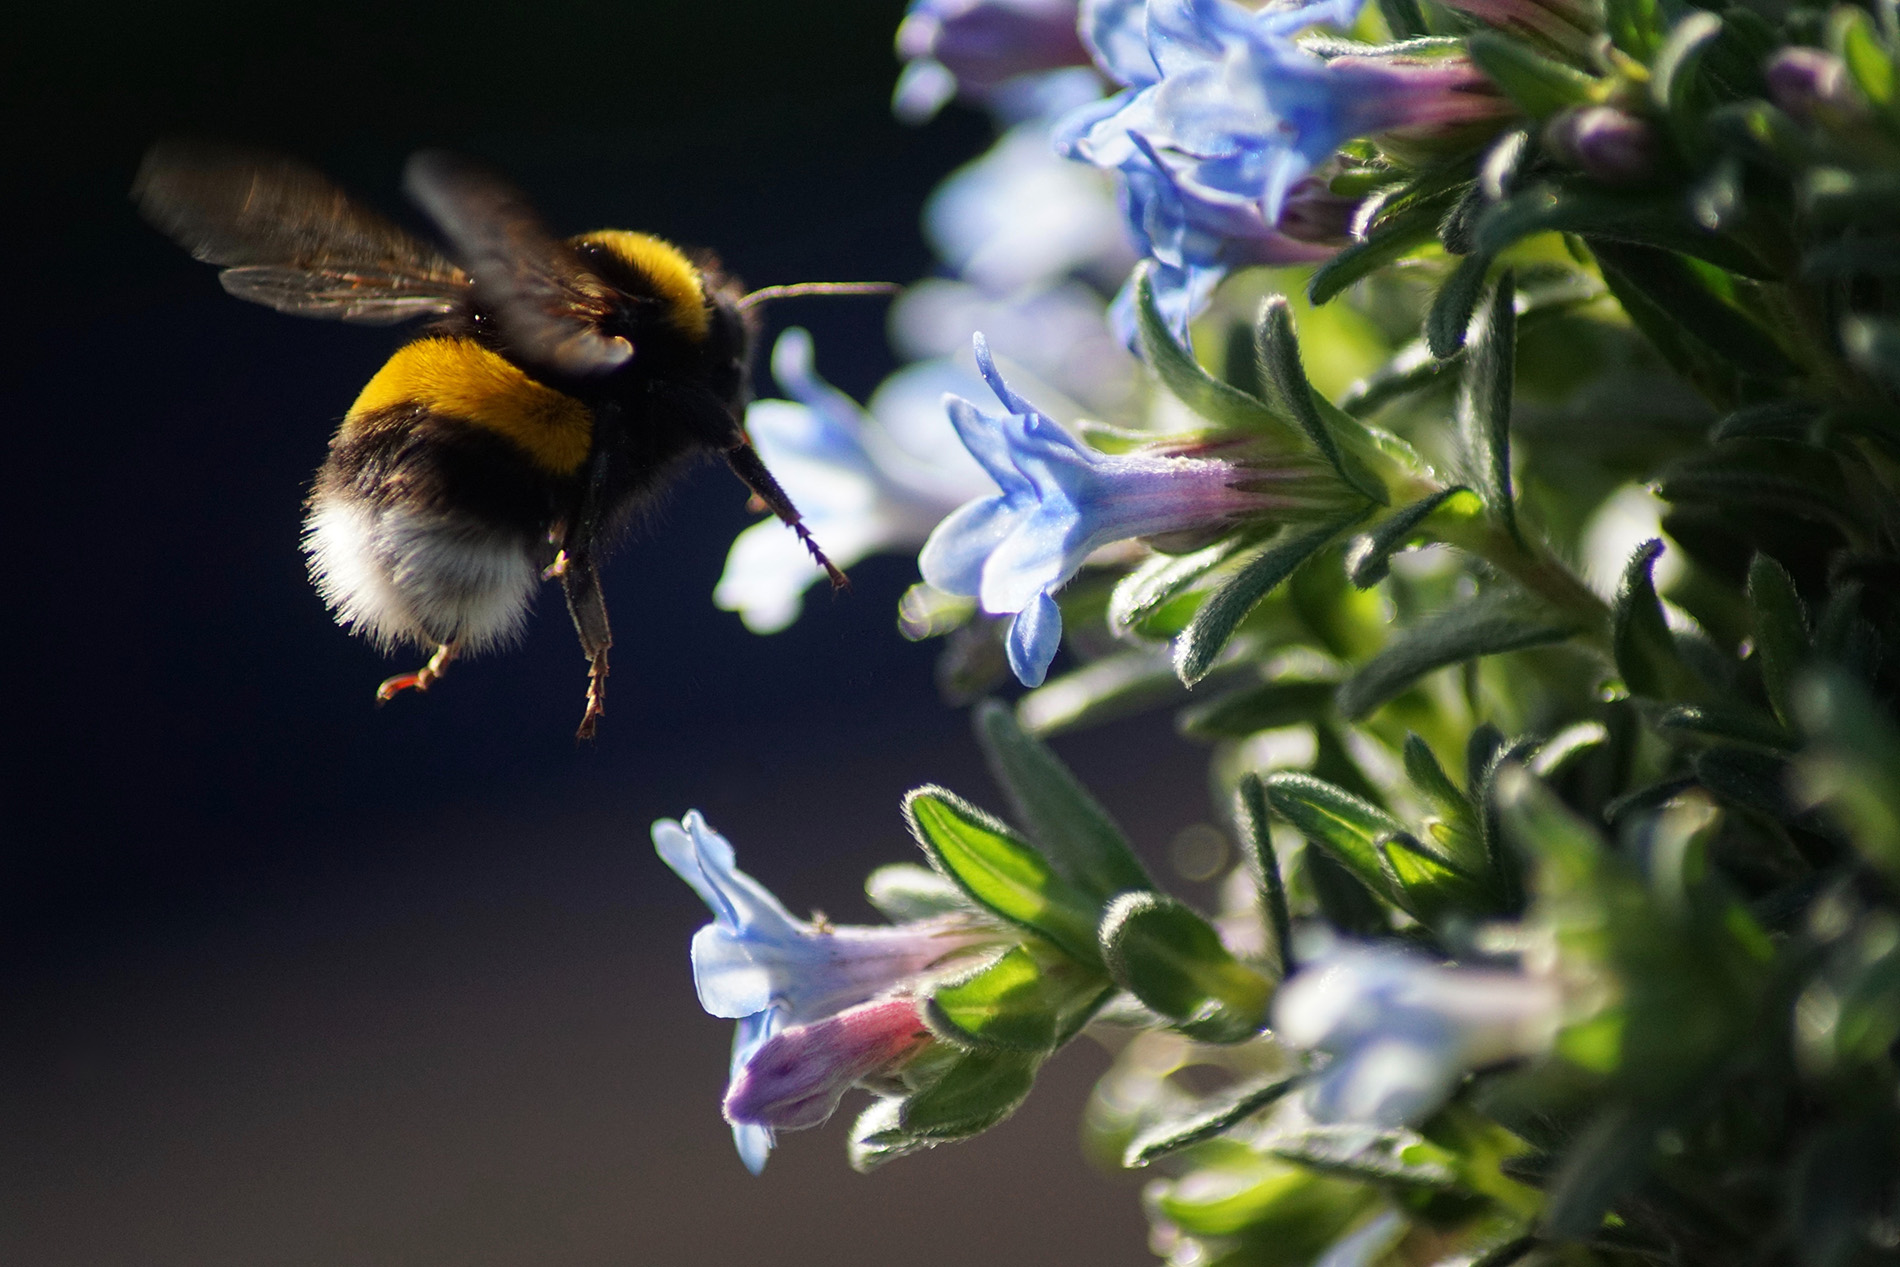 Humlans och blommornas former välkomnar möjligheterna till utbyte och interaktion med omgivningen. Foto: Carolien van Oijen/Unsplash